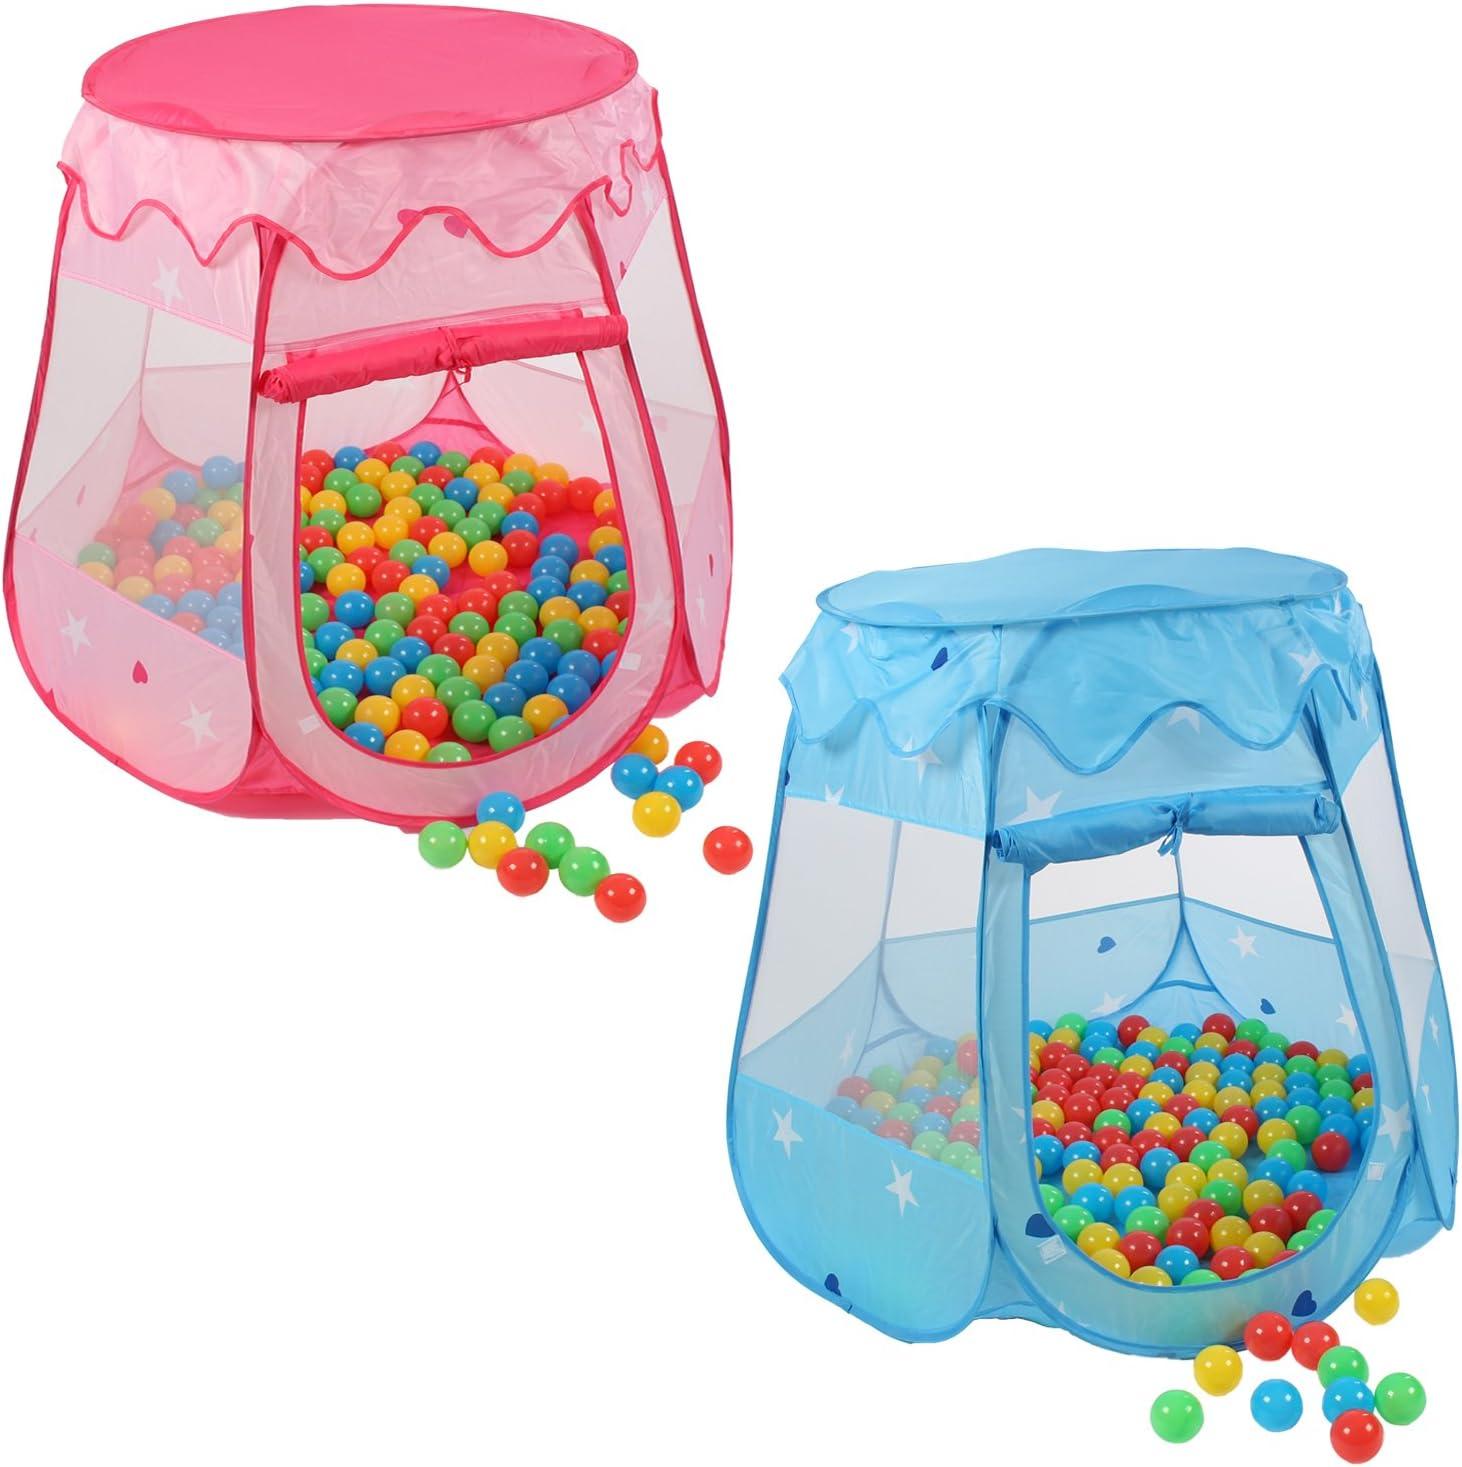 KIDUKU® Tienda de campaña Infantil + 100 Bolas + Bolsa casita de Tela para Jugar Piscina de Bolas Castillo para Interior y Exterior (Rosa)